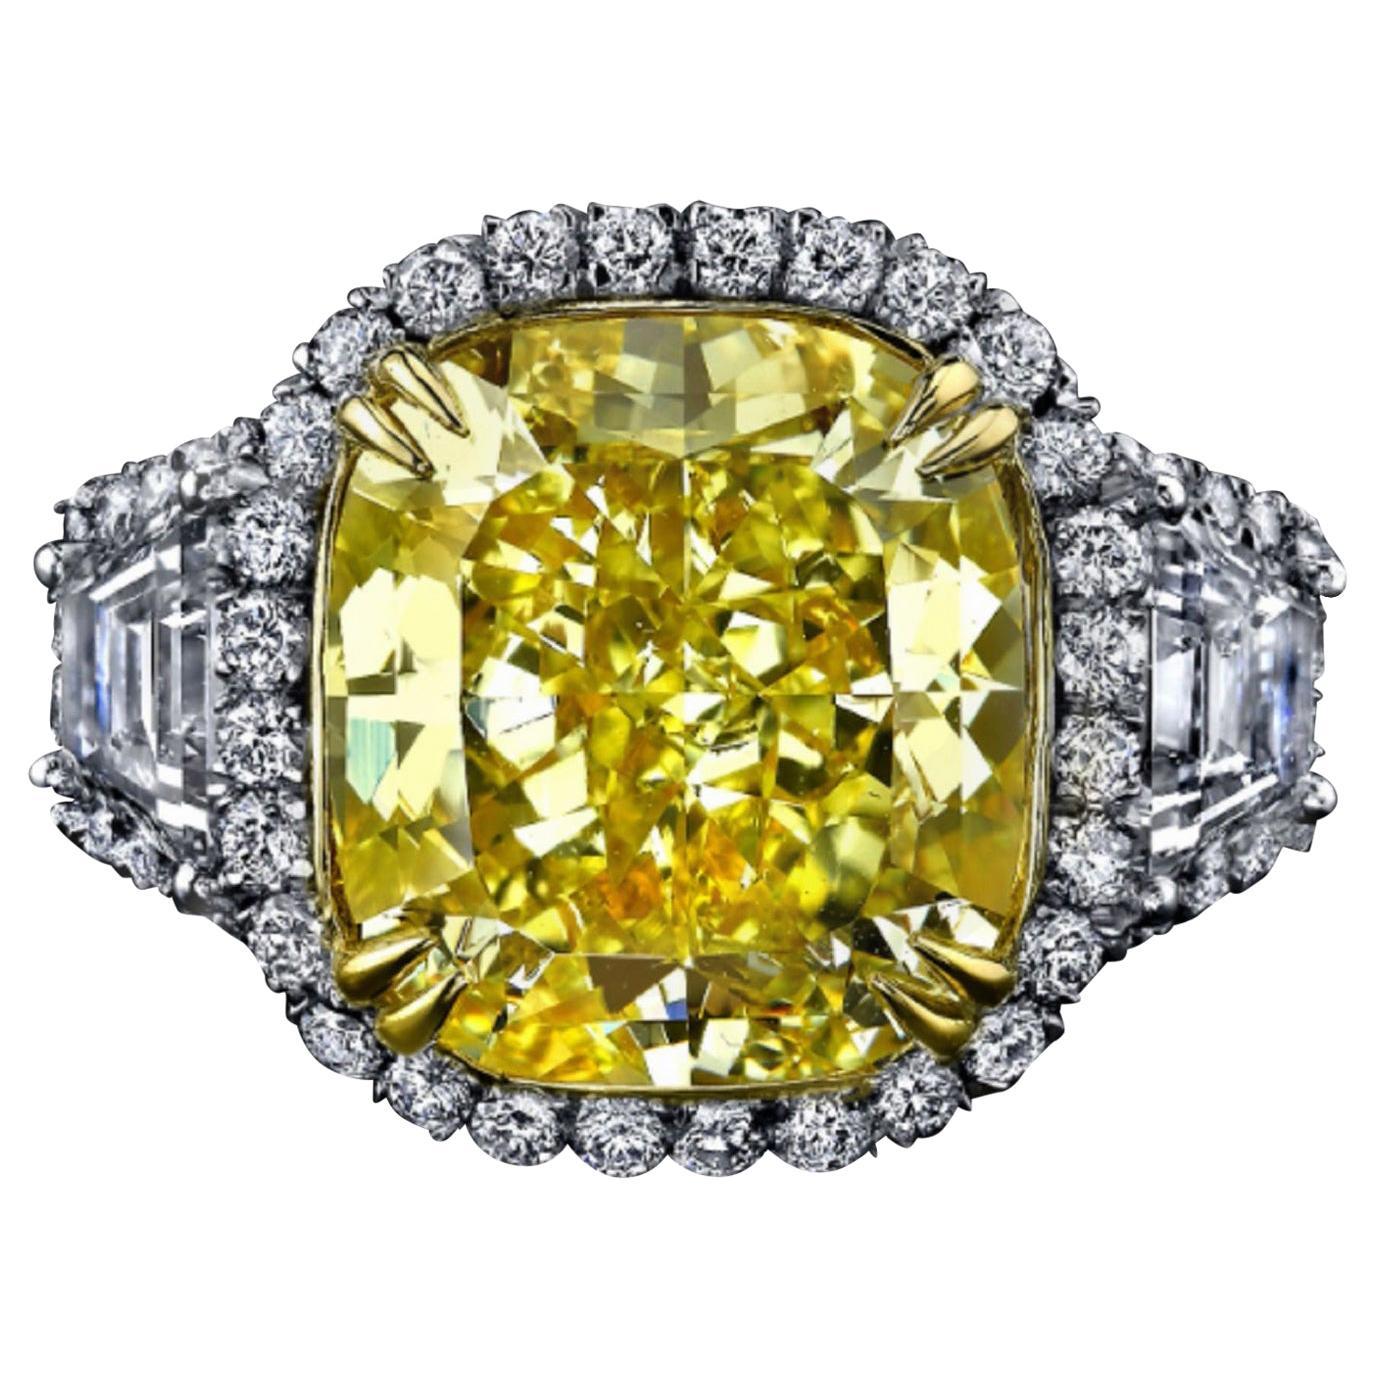 EXTRAORDINARY GIA Certified 3.60 Carat Fancy VIVID Yellow Cushion Cut Ring